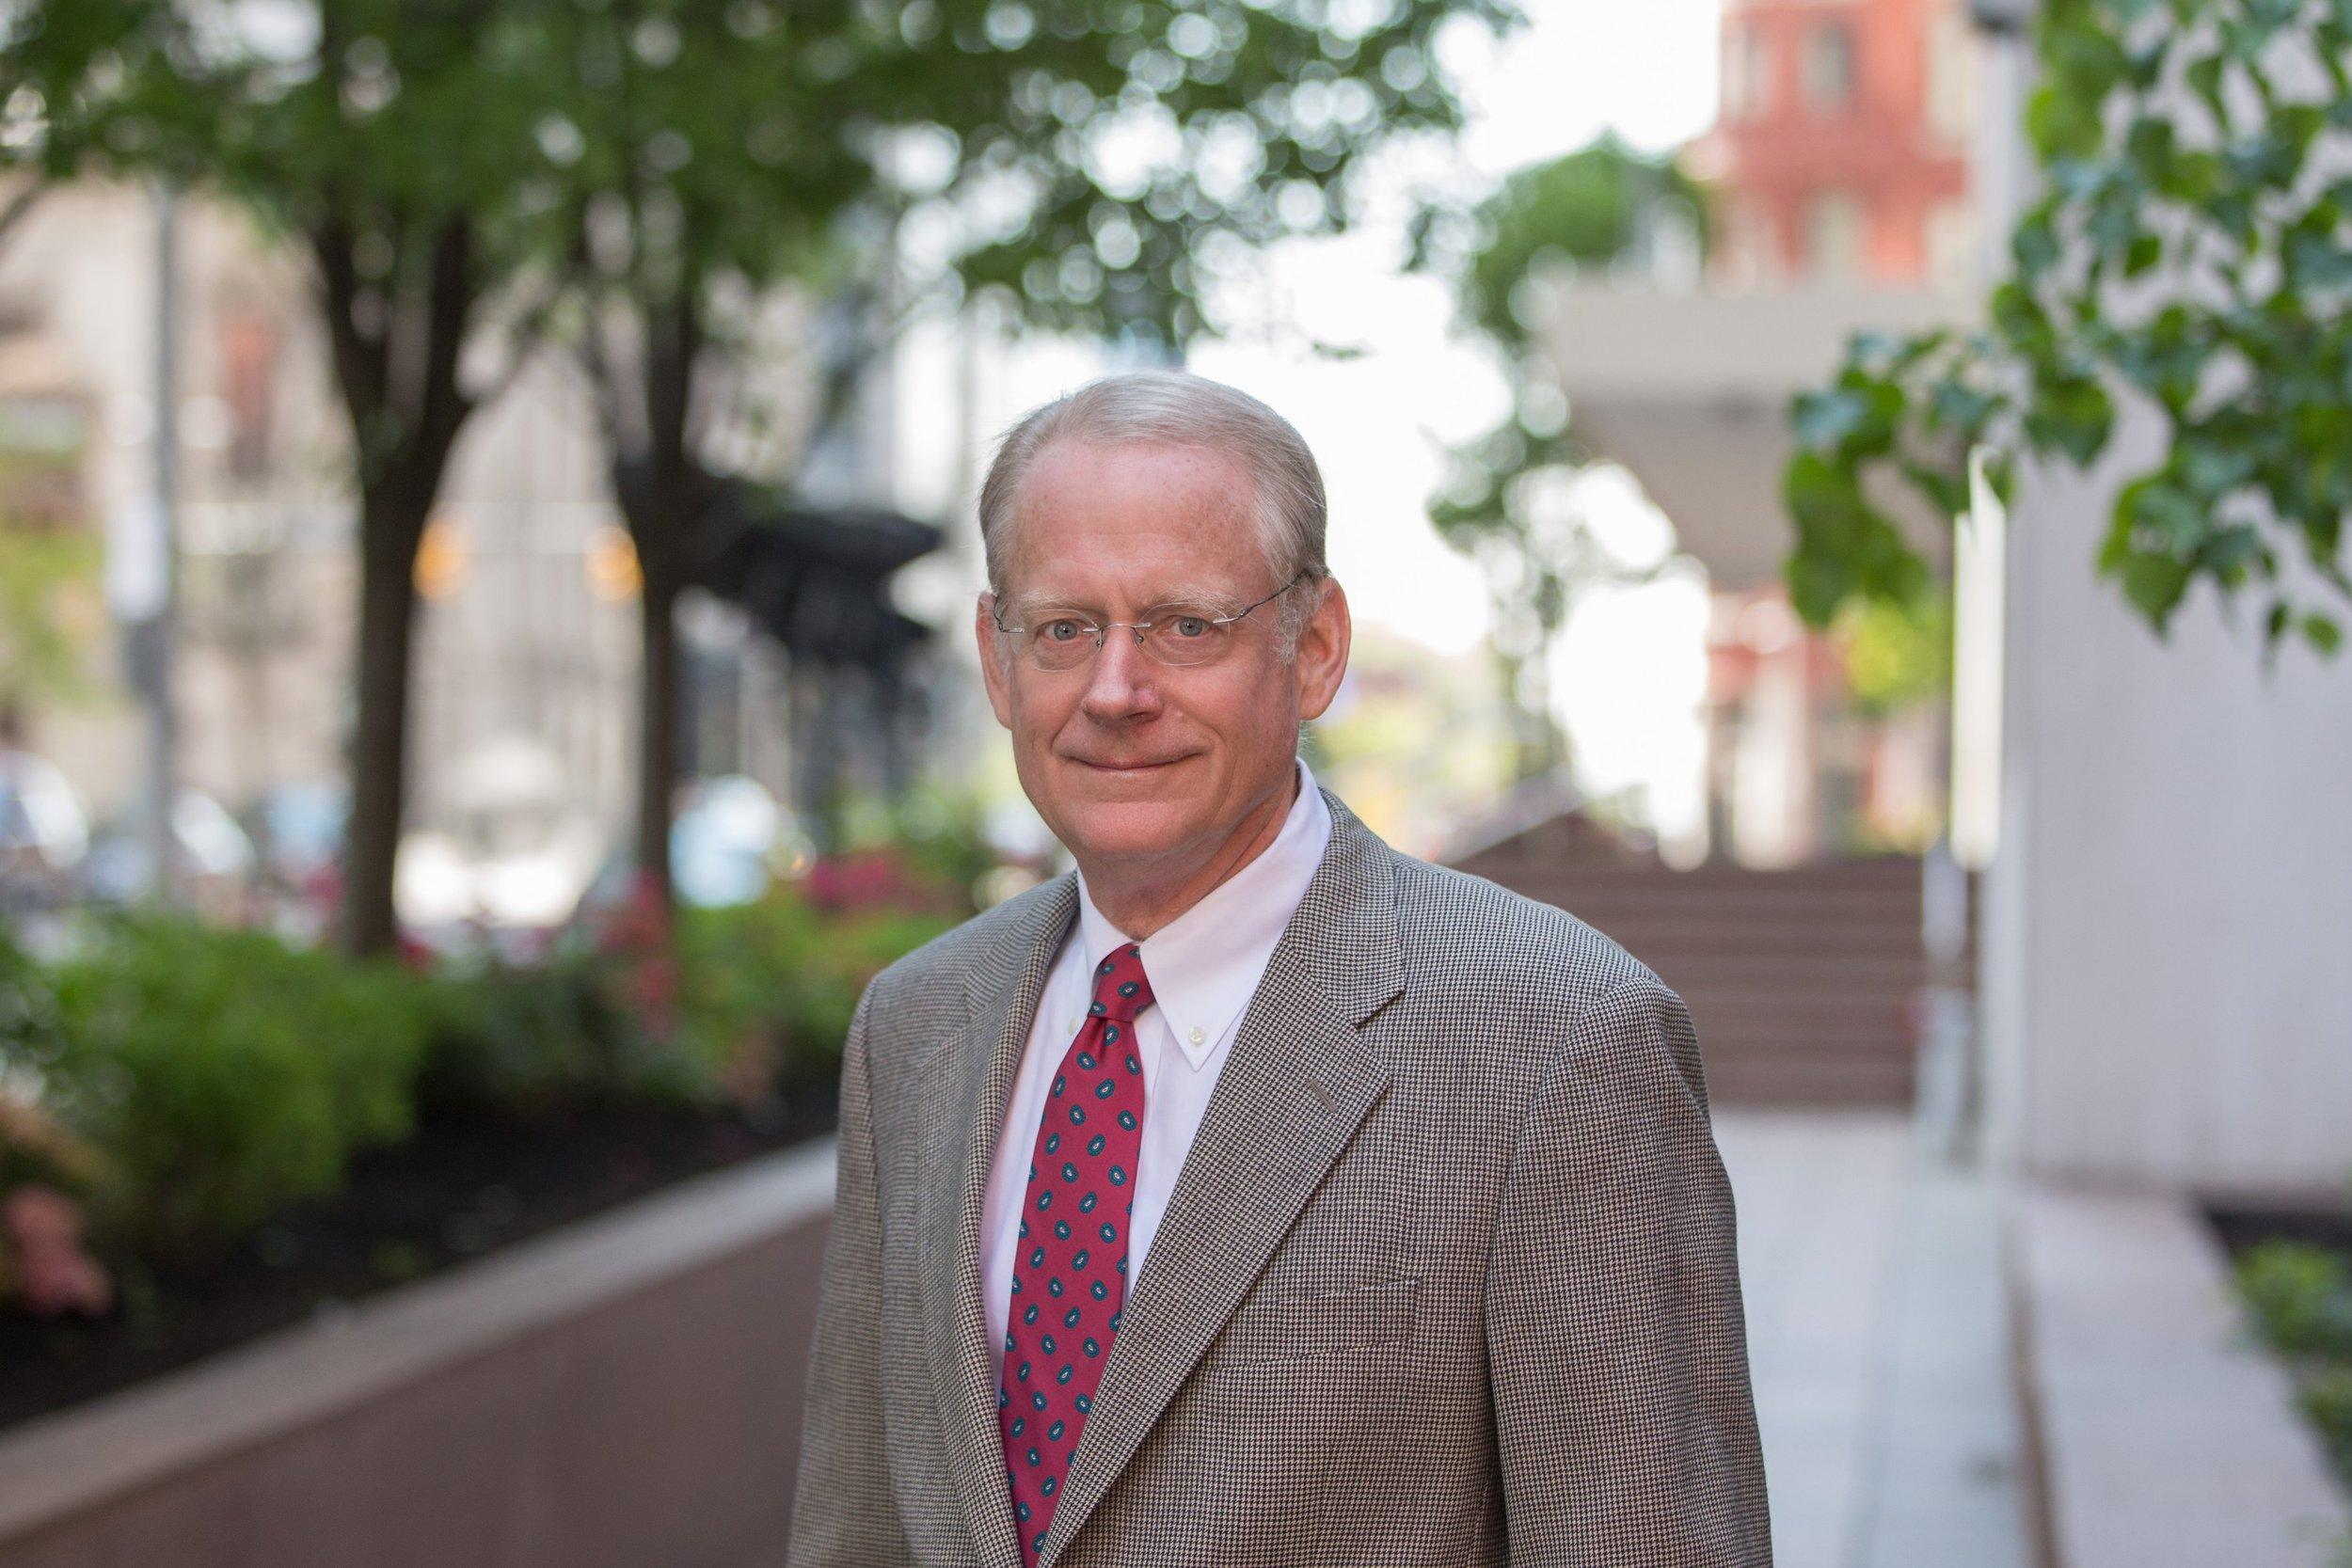 Theodore Ted Hellmuth Boyd Watterson